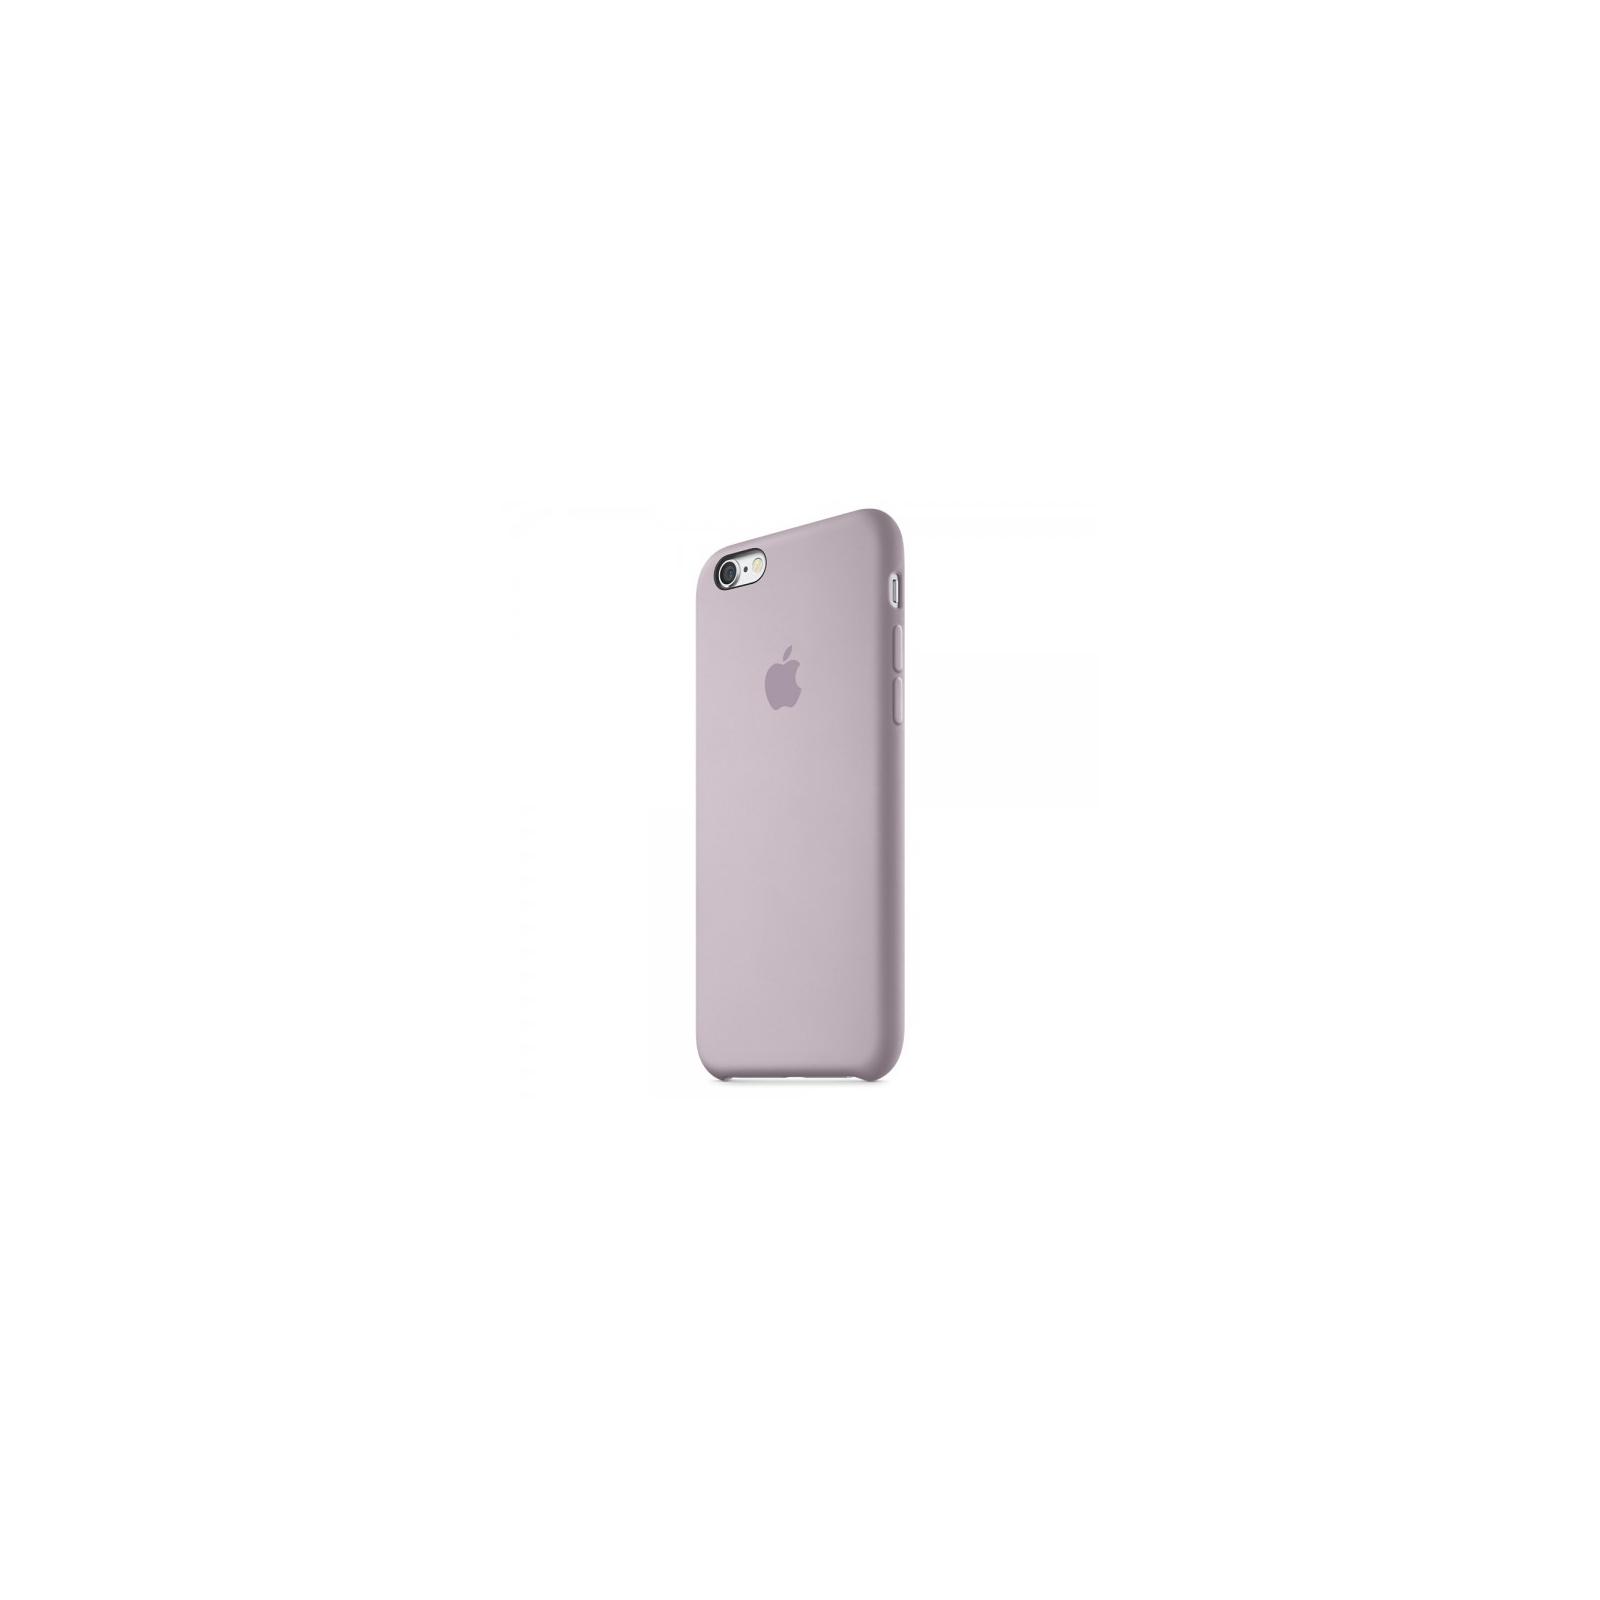 Чехол для моб. телефона Apple для iPhone 6/6s Lavender (MLCV2ZM/A) изображение 2